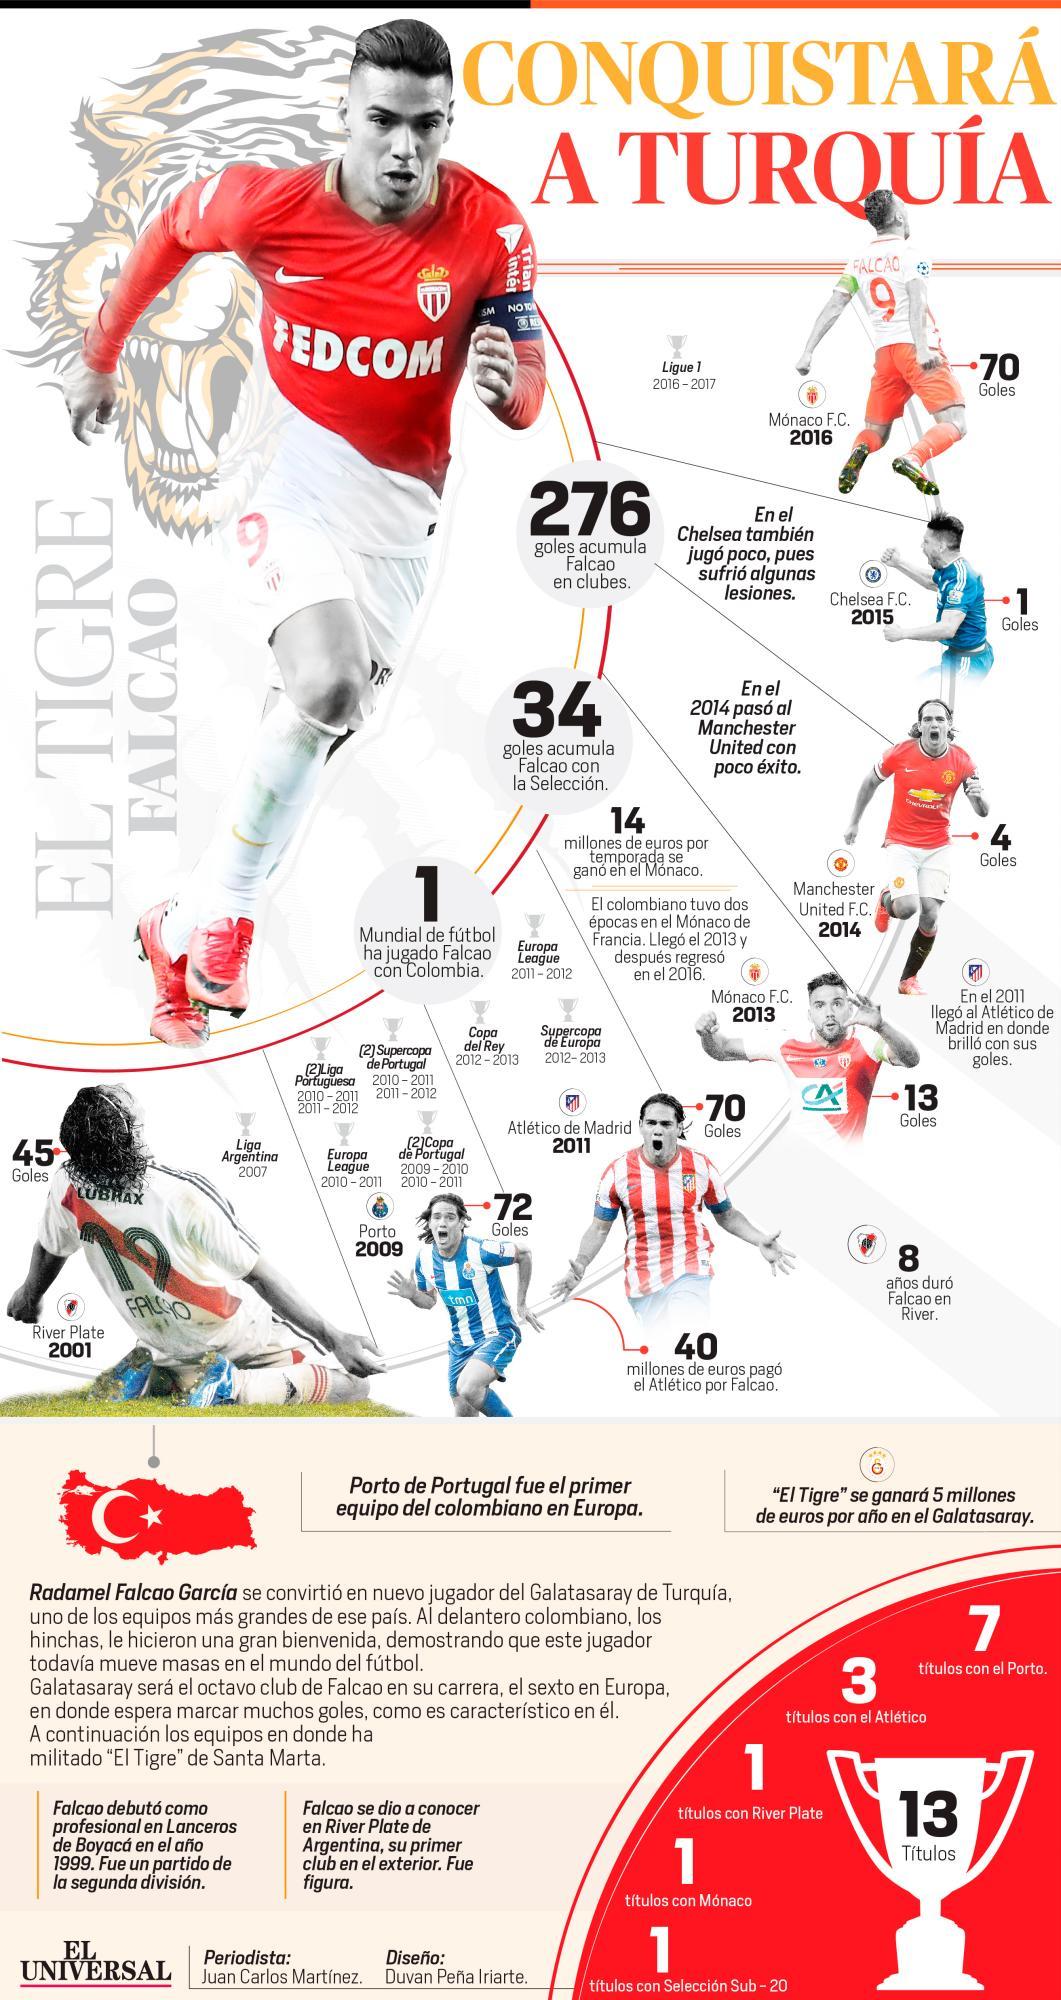 [Infografía] La carrera de Radamel Falcao hasta llegar al Galatasaray